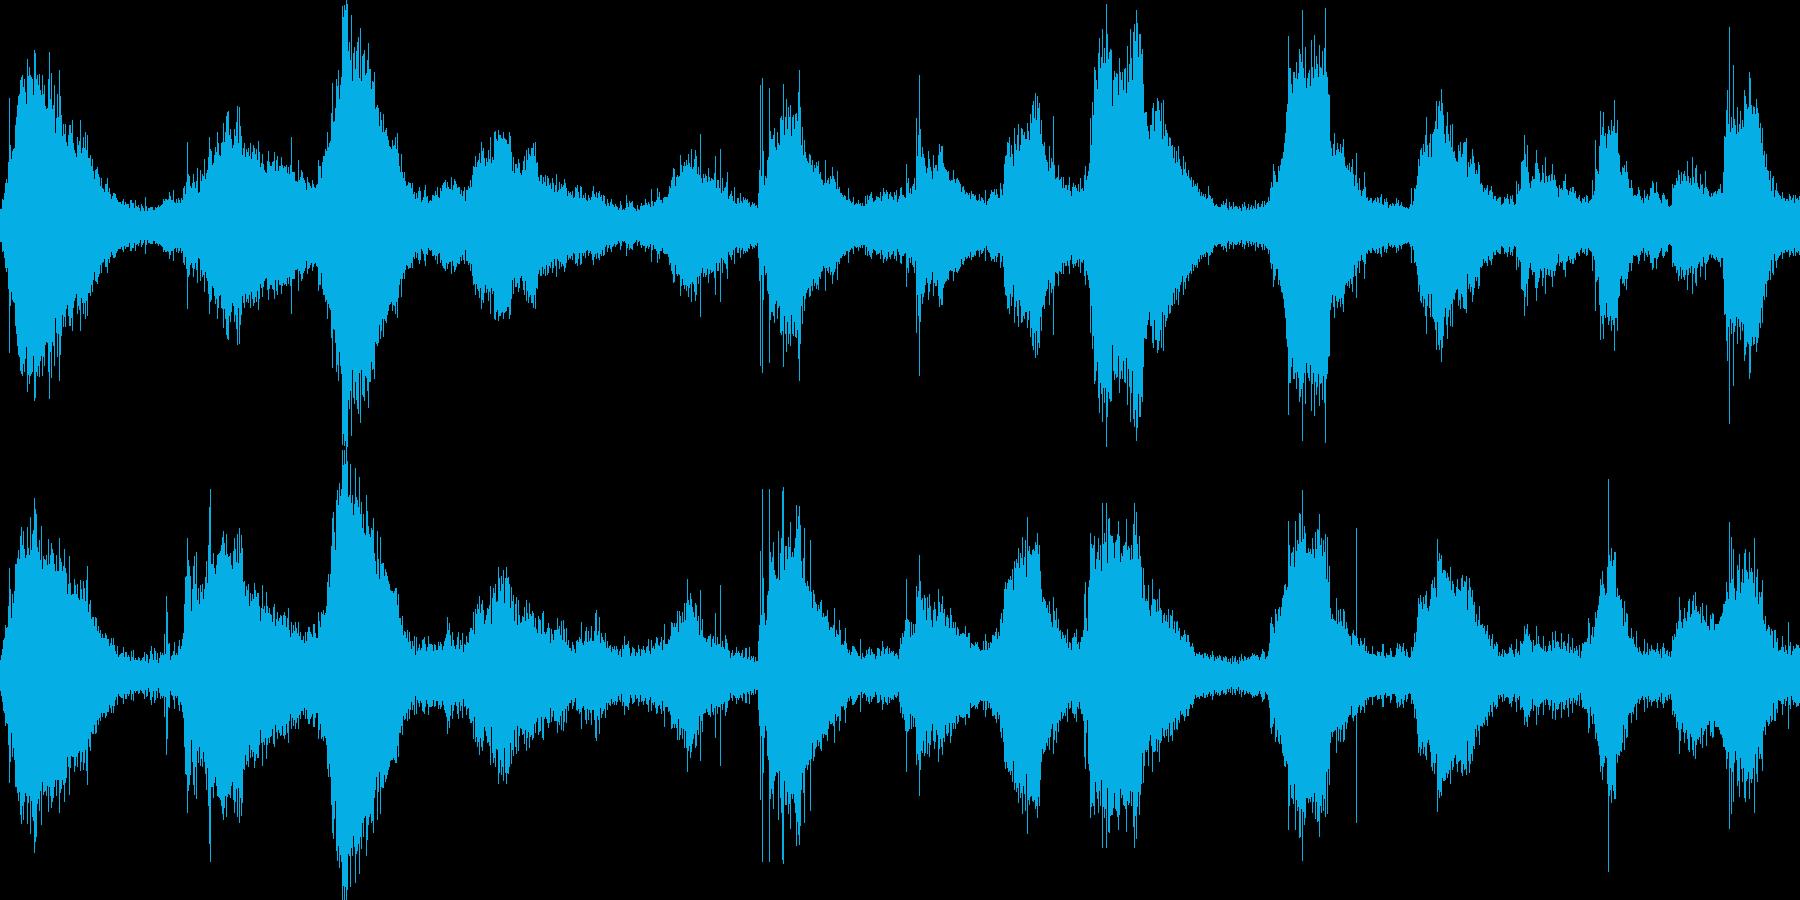 海岸(環境音)の再生済みの波形